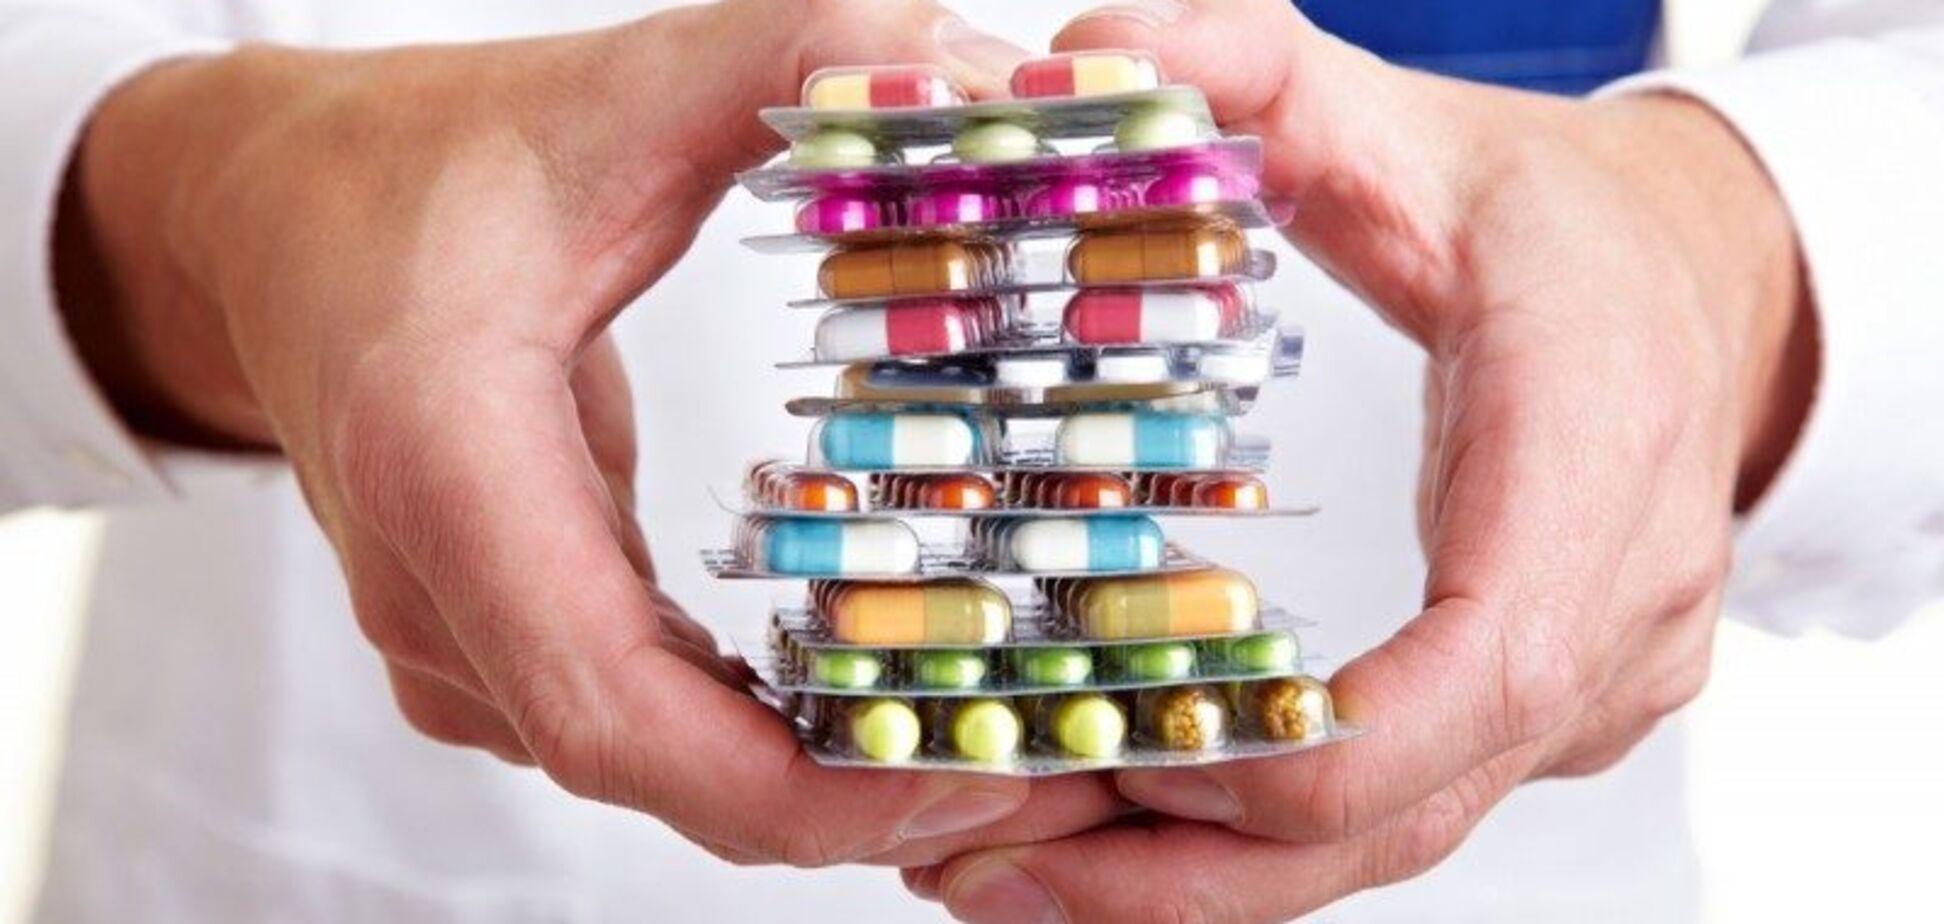 Повернення ліків в аптеки України: у МОЗ пояснили важливий нюанс